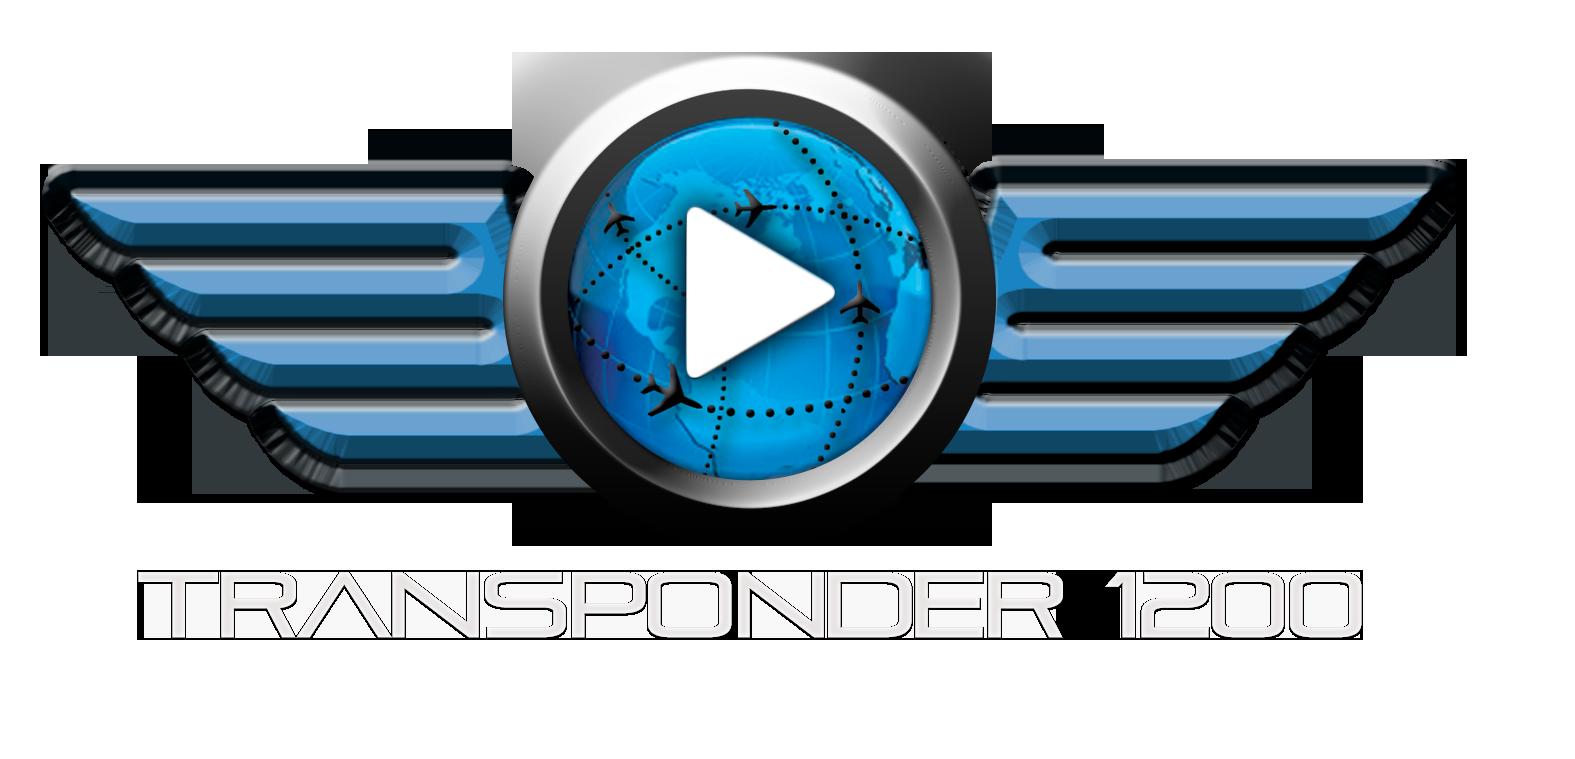 Transponder 1200